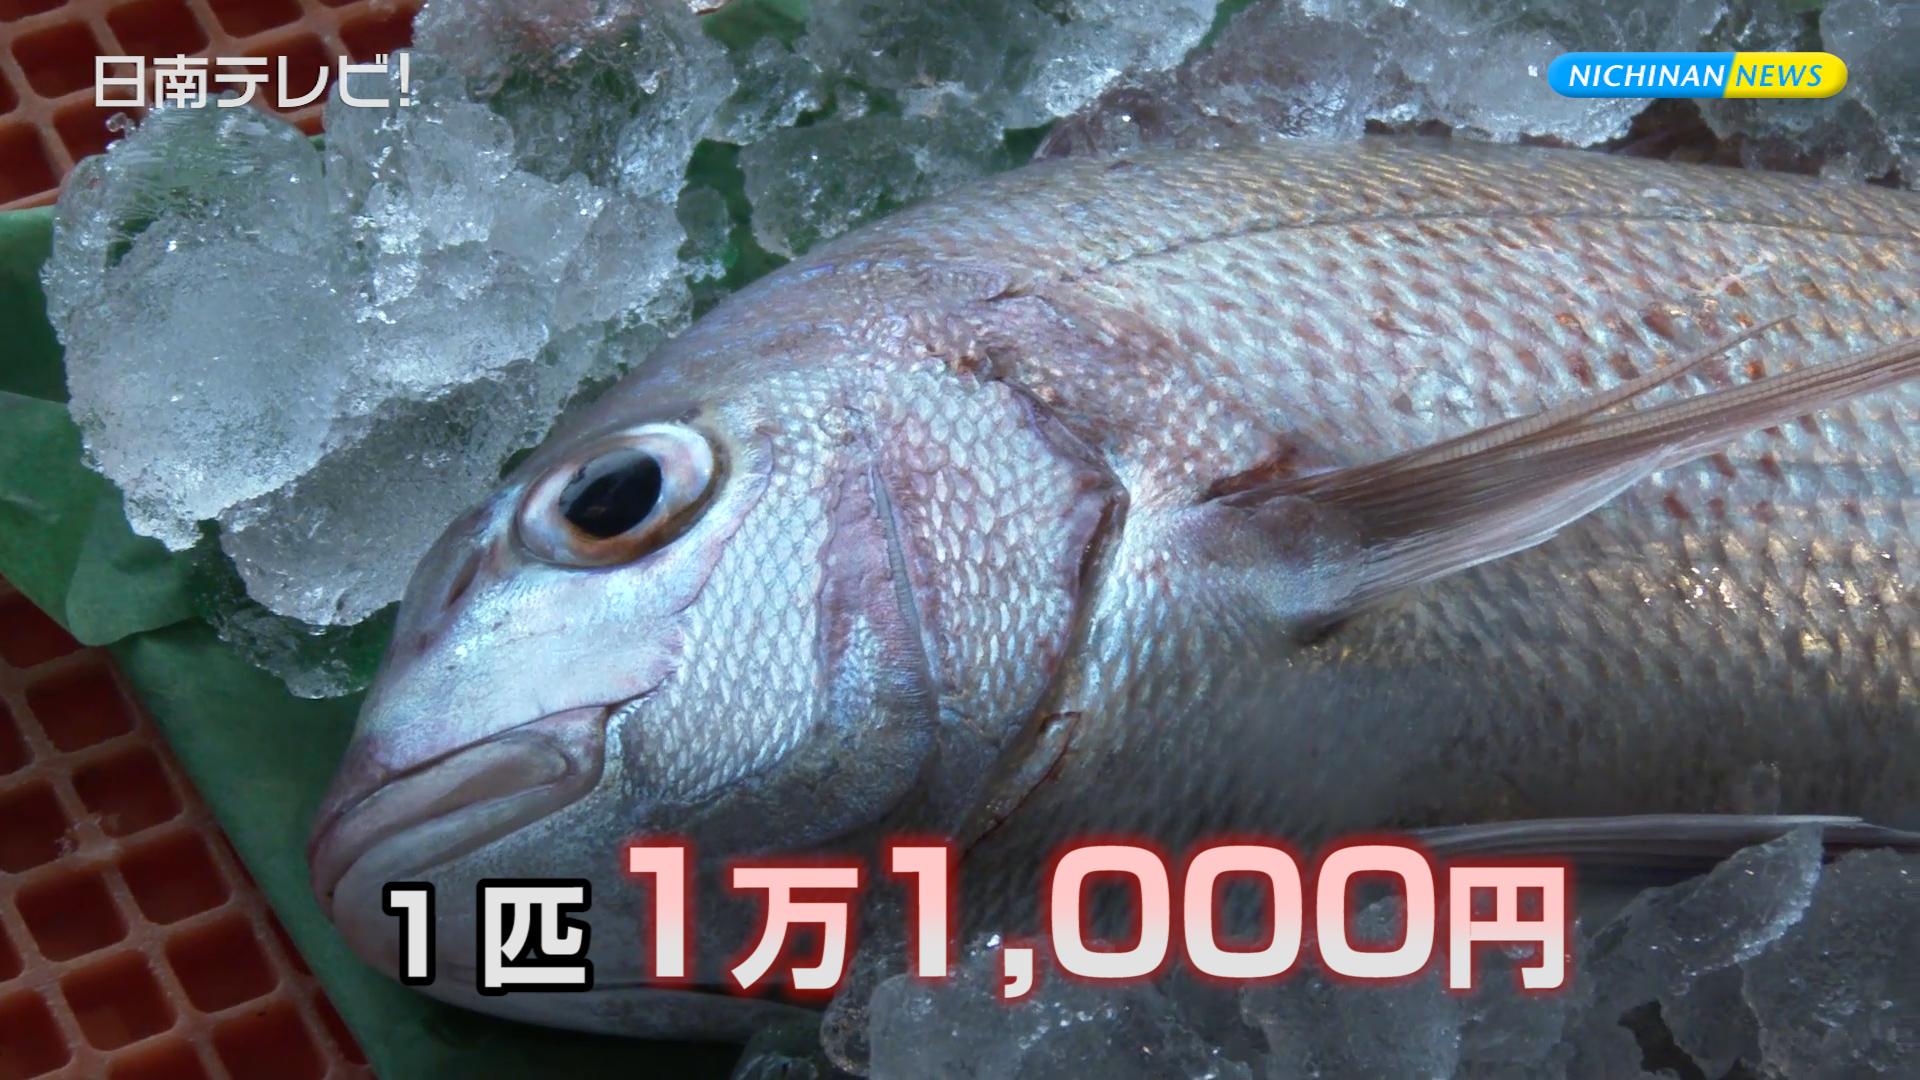 初競り 鯛が1万1000円!?